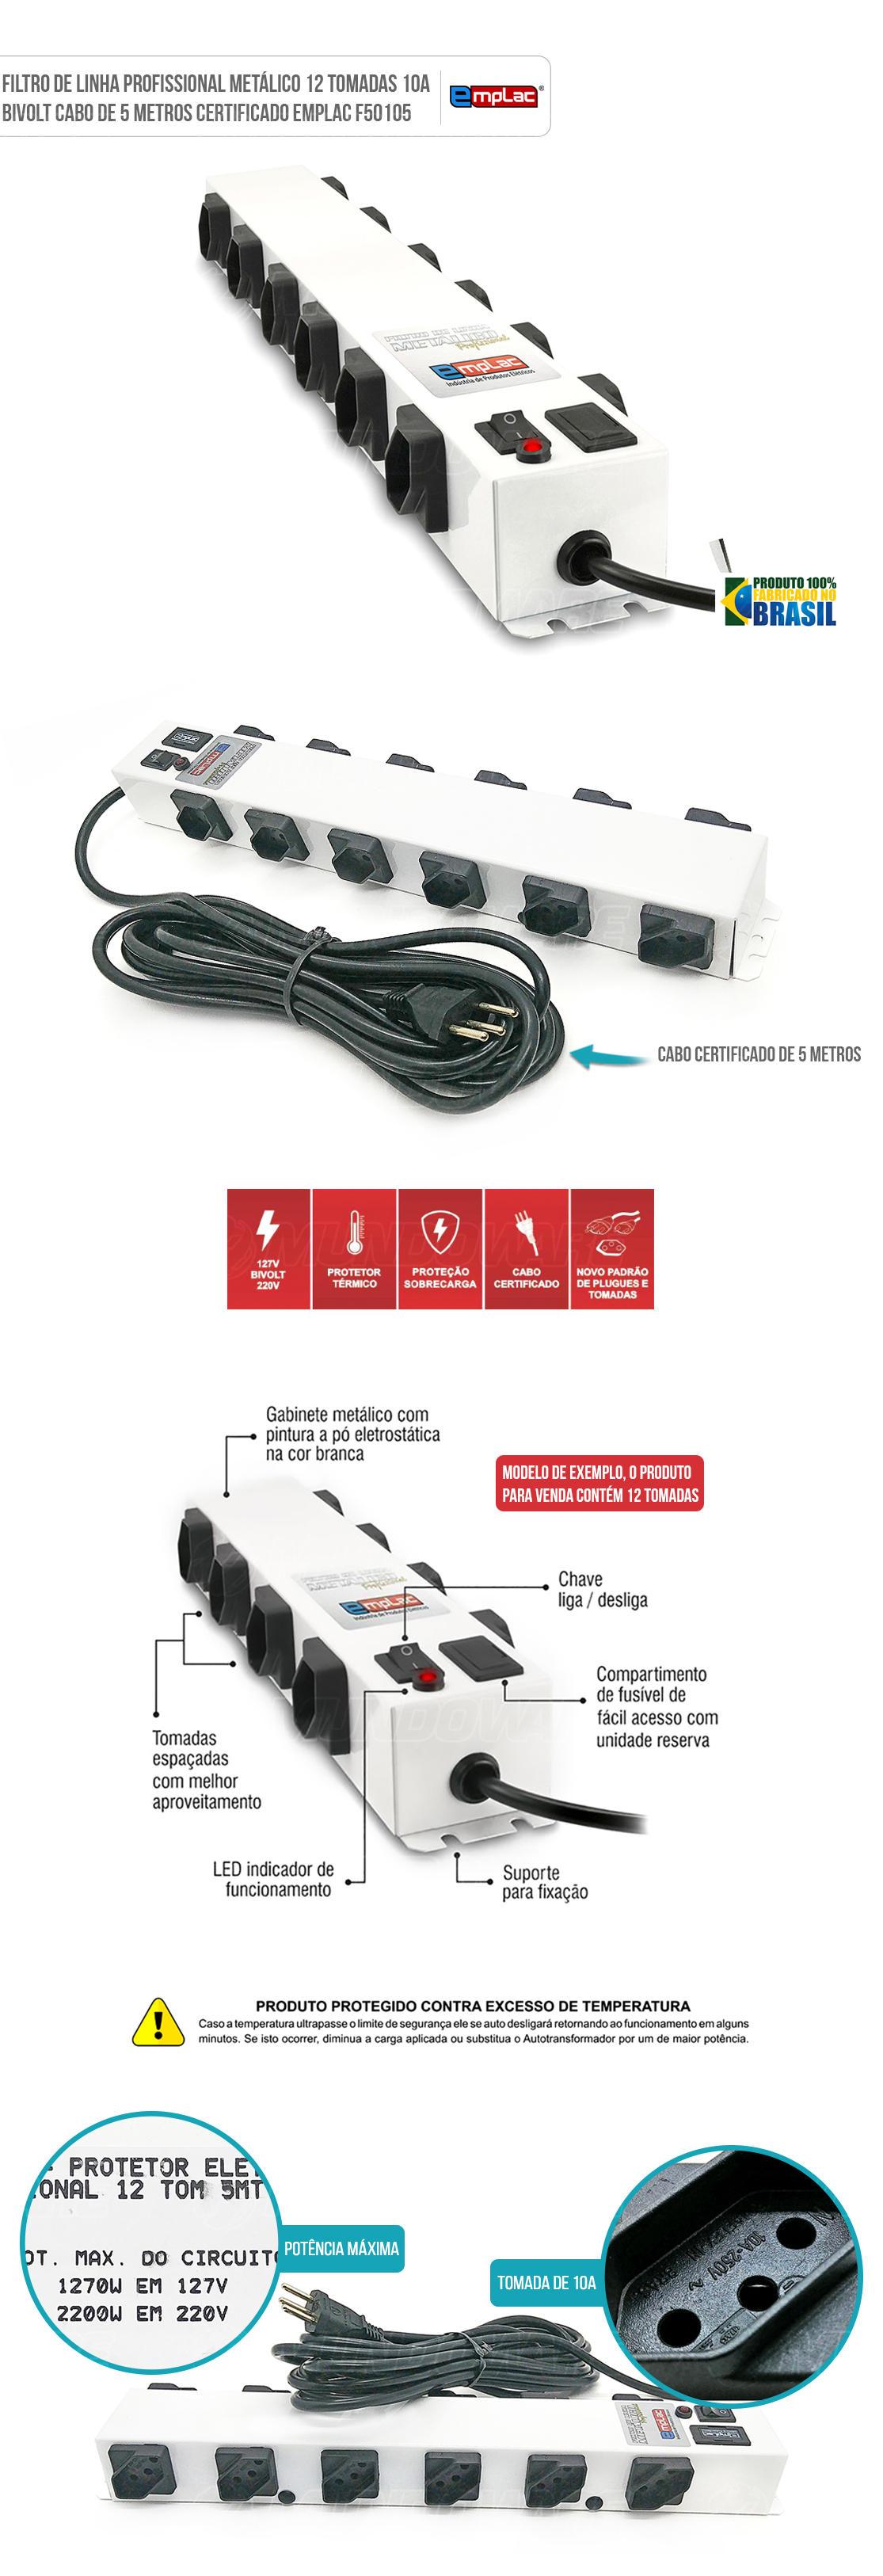 Filtro de Linha Régua com 12 tomadas Bivolt Metalico 10A com Led indicador e botão de liga-desliga cabo de 5 metros